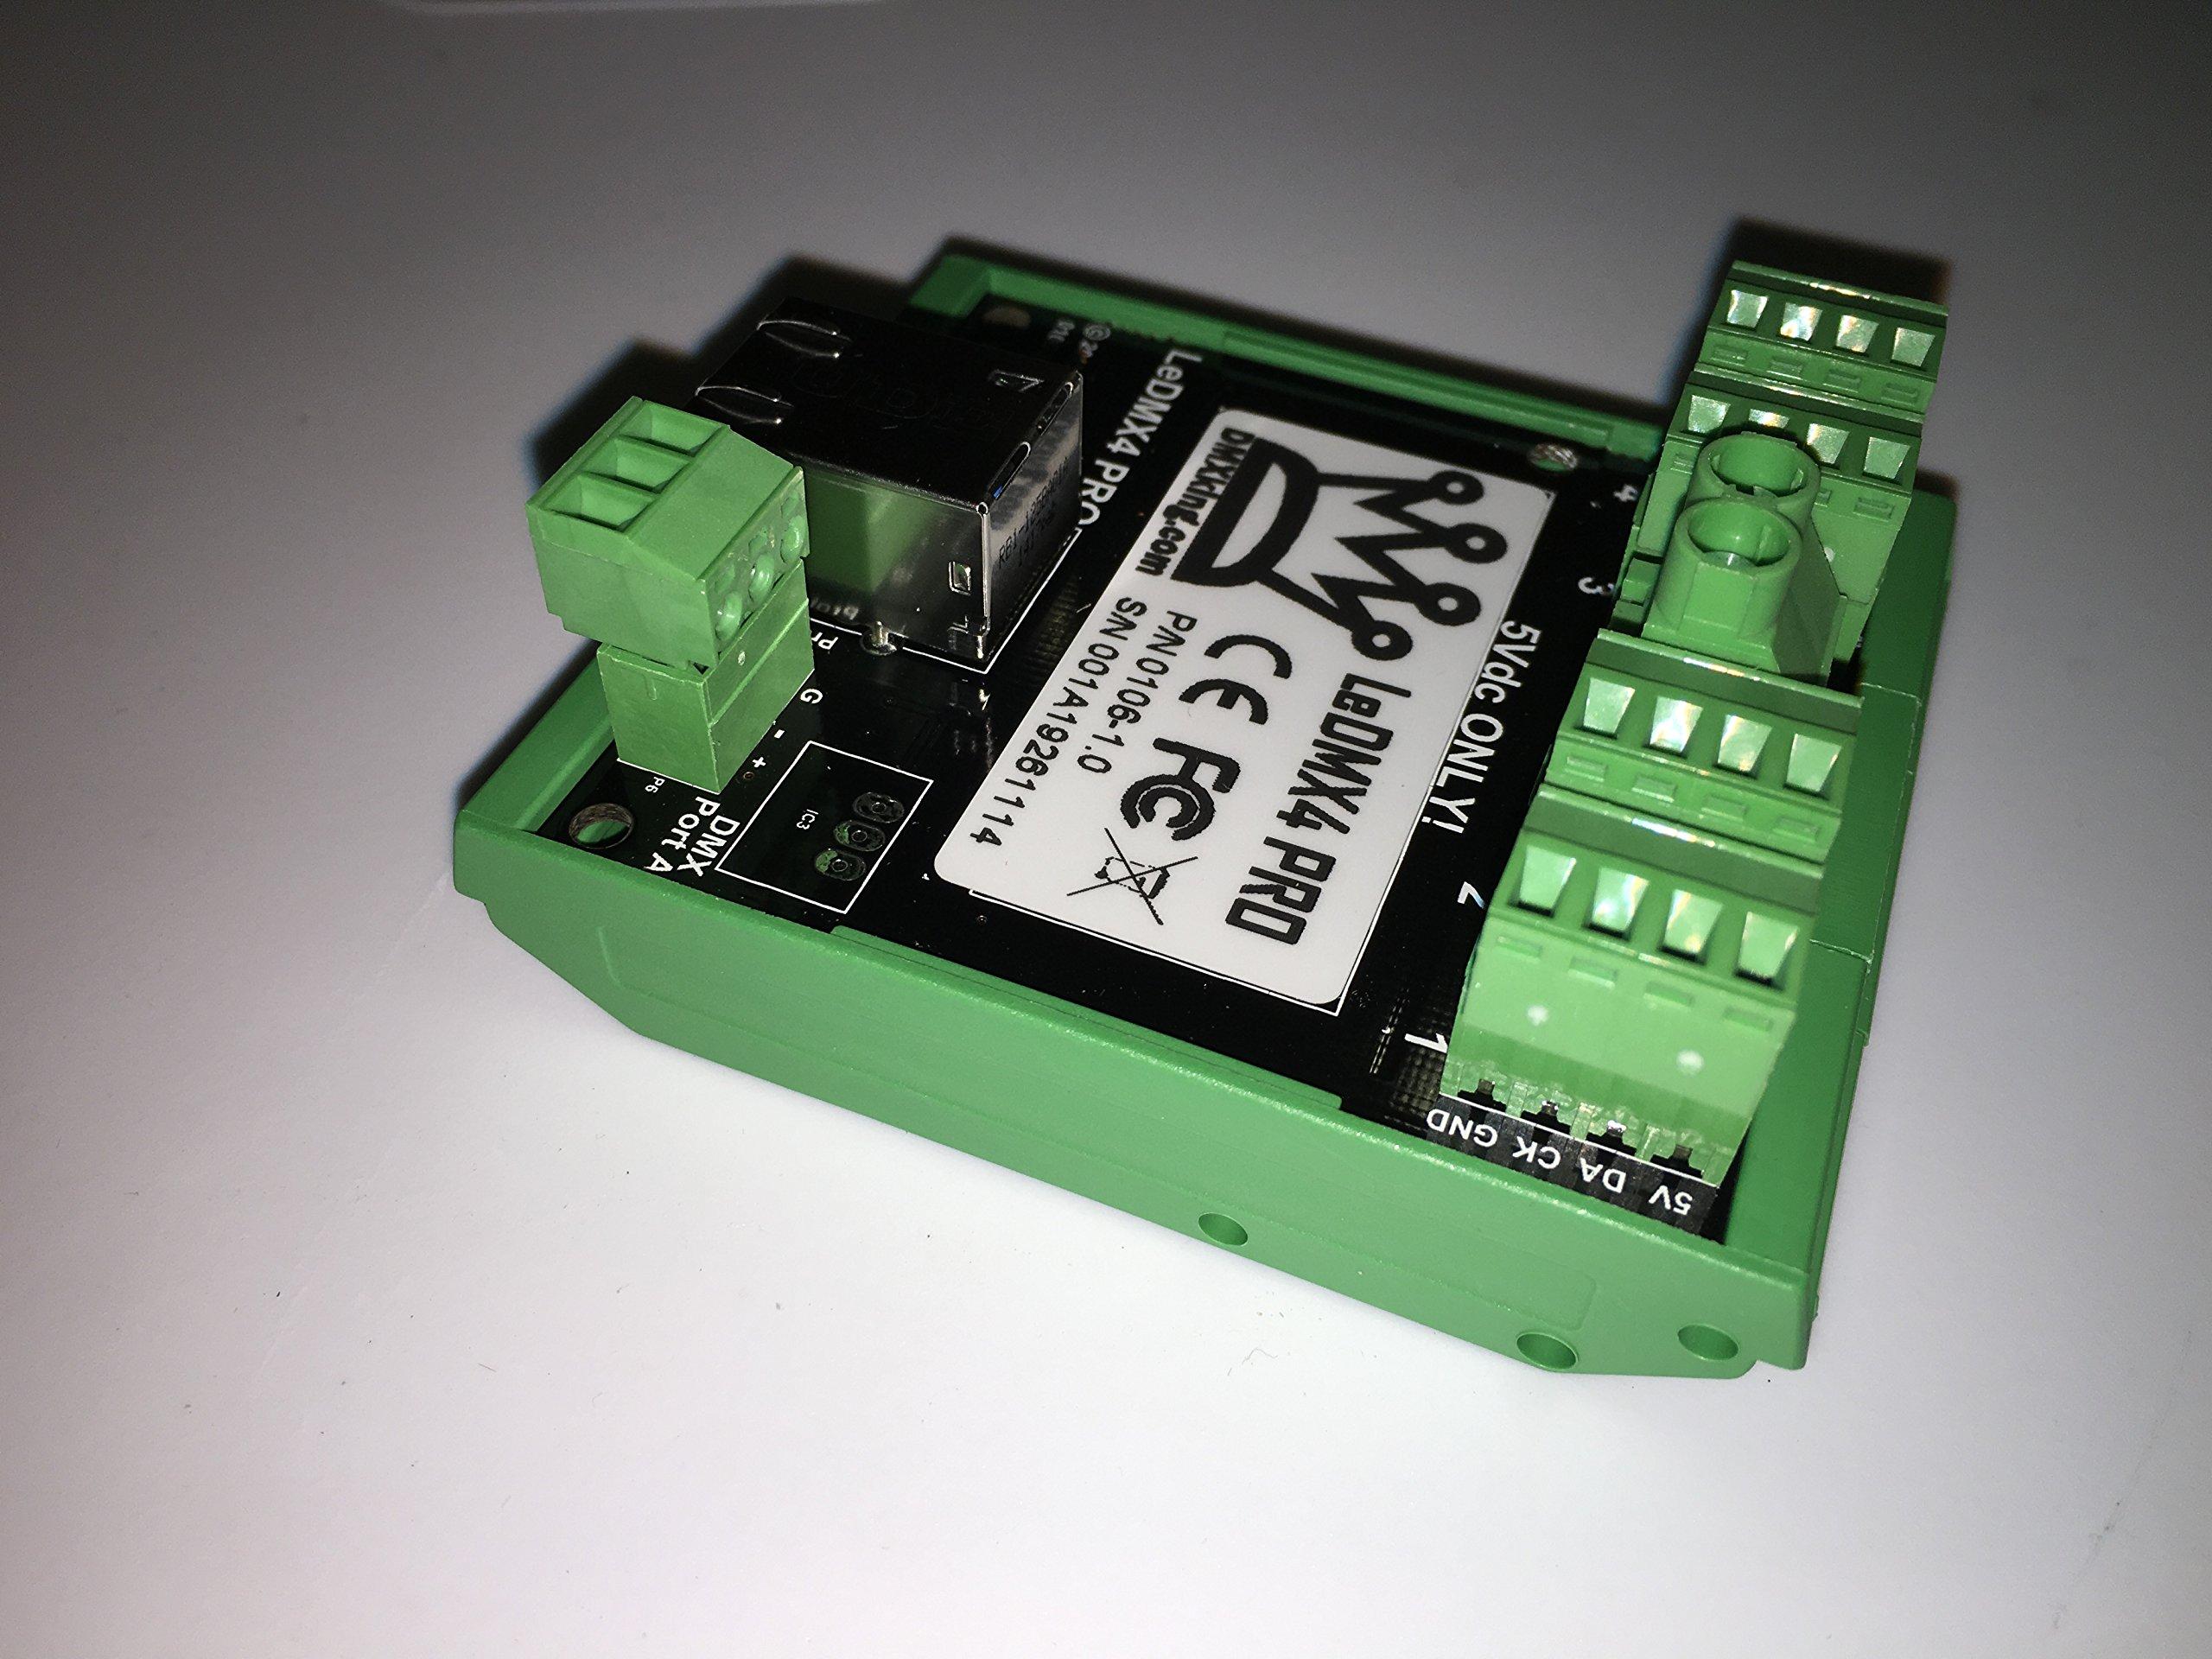 DMXking LeDMX4 PRO 5V LED RGB Pixel Controller DIN mount